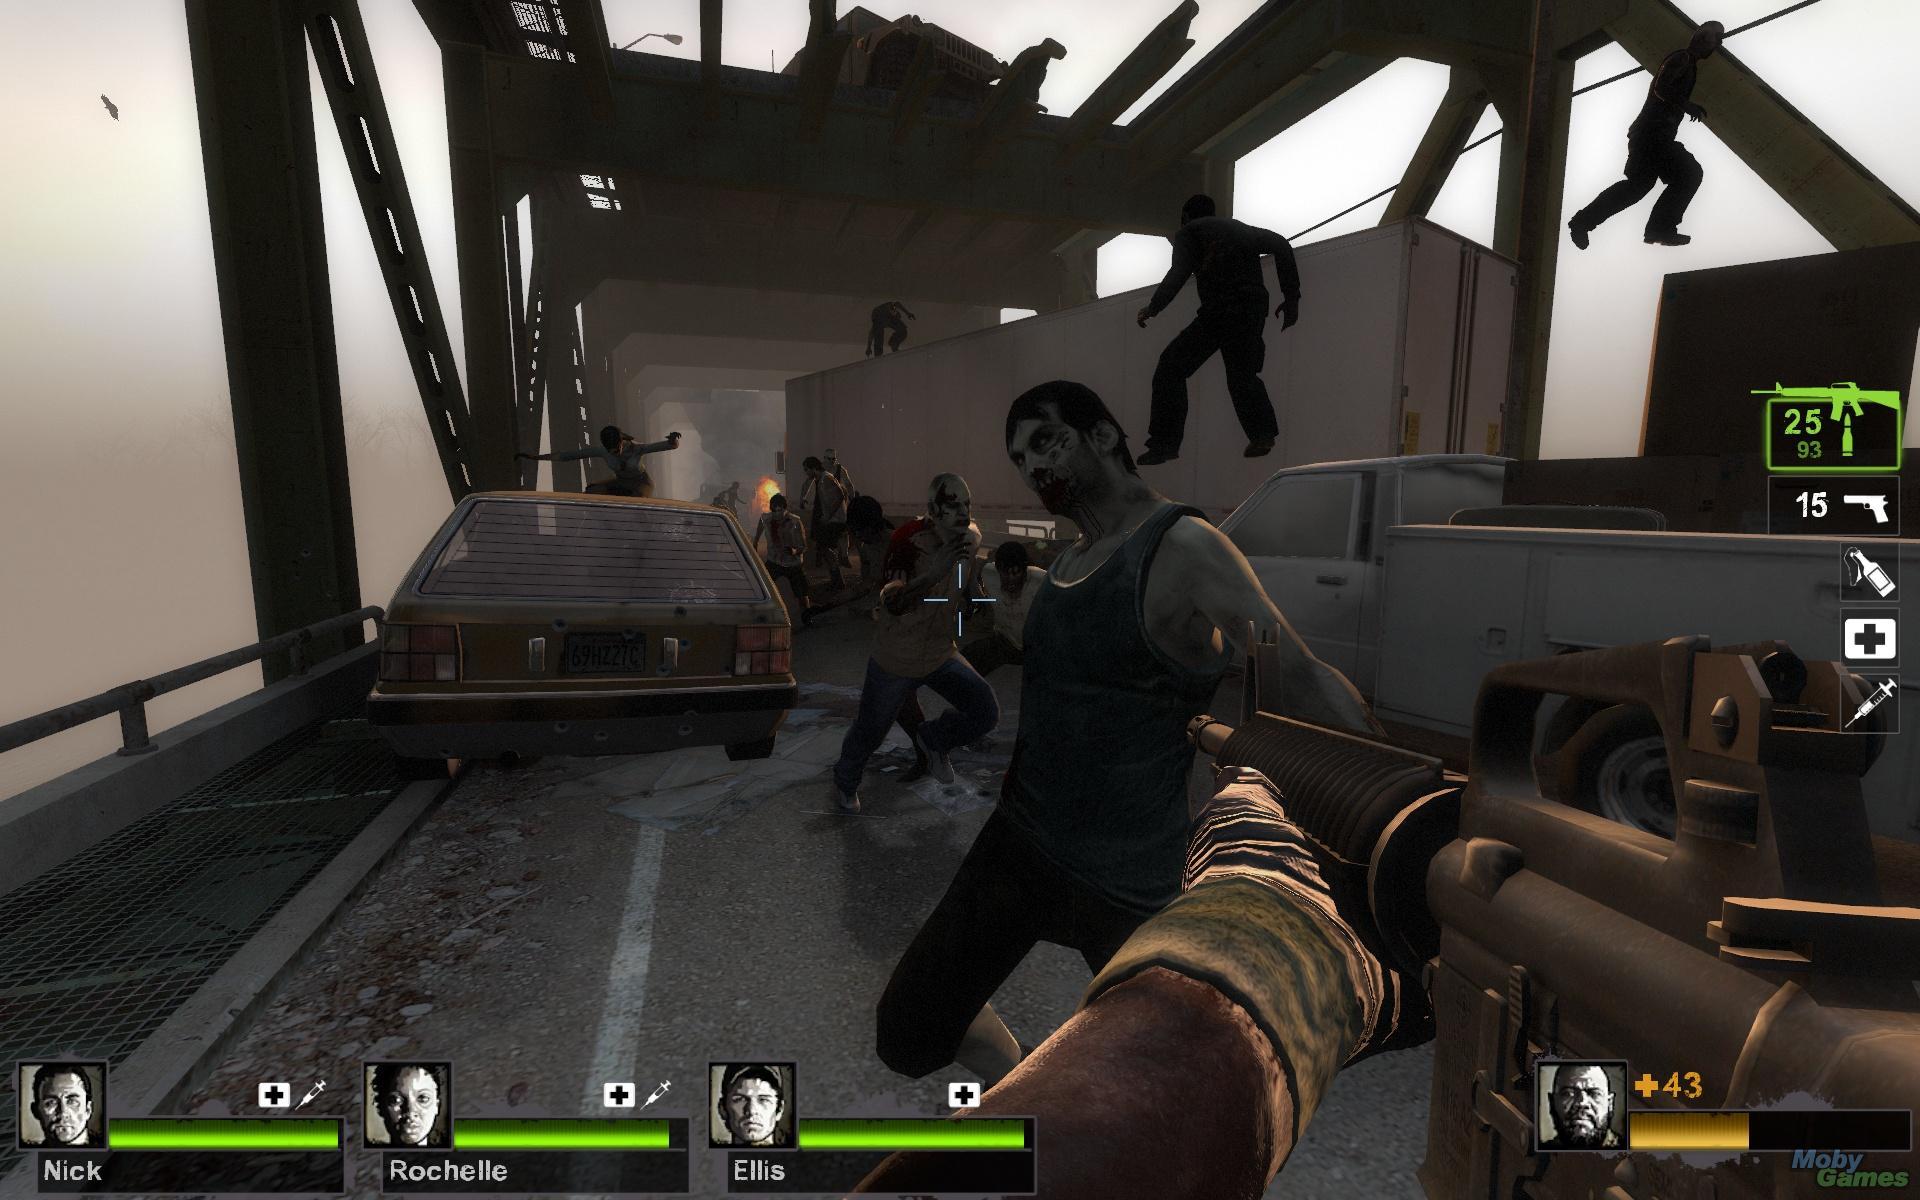 Left 4 Dead 2 (Steam) Left-4-dead-2-1